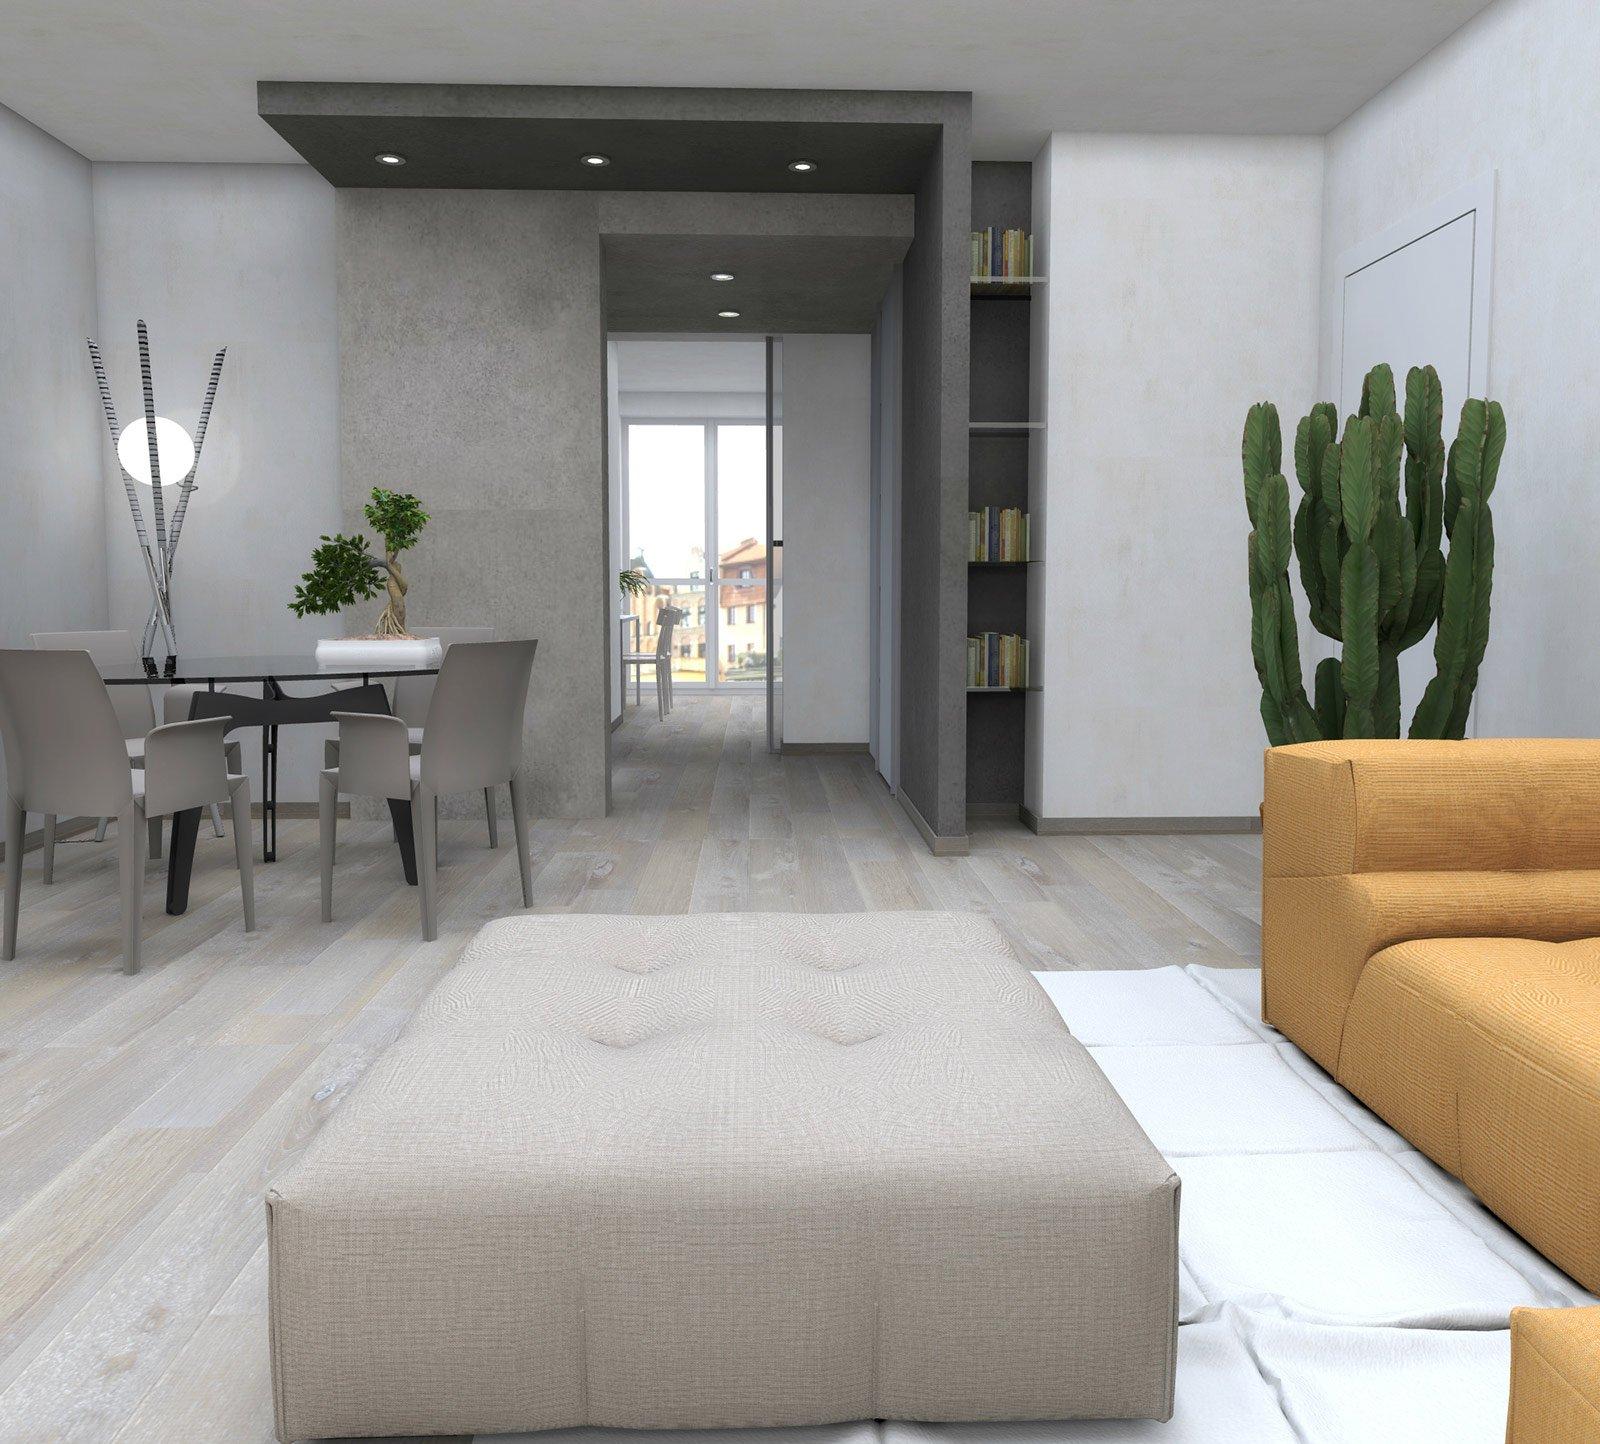 Zona Giorno Contemporanea. Progetto Con Pianta E Prospetti In 3D  #976E34 1600 1444 Sala Da Pranzo In Legno Massello